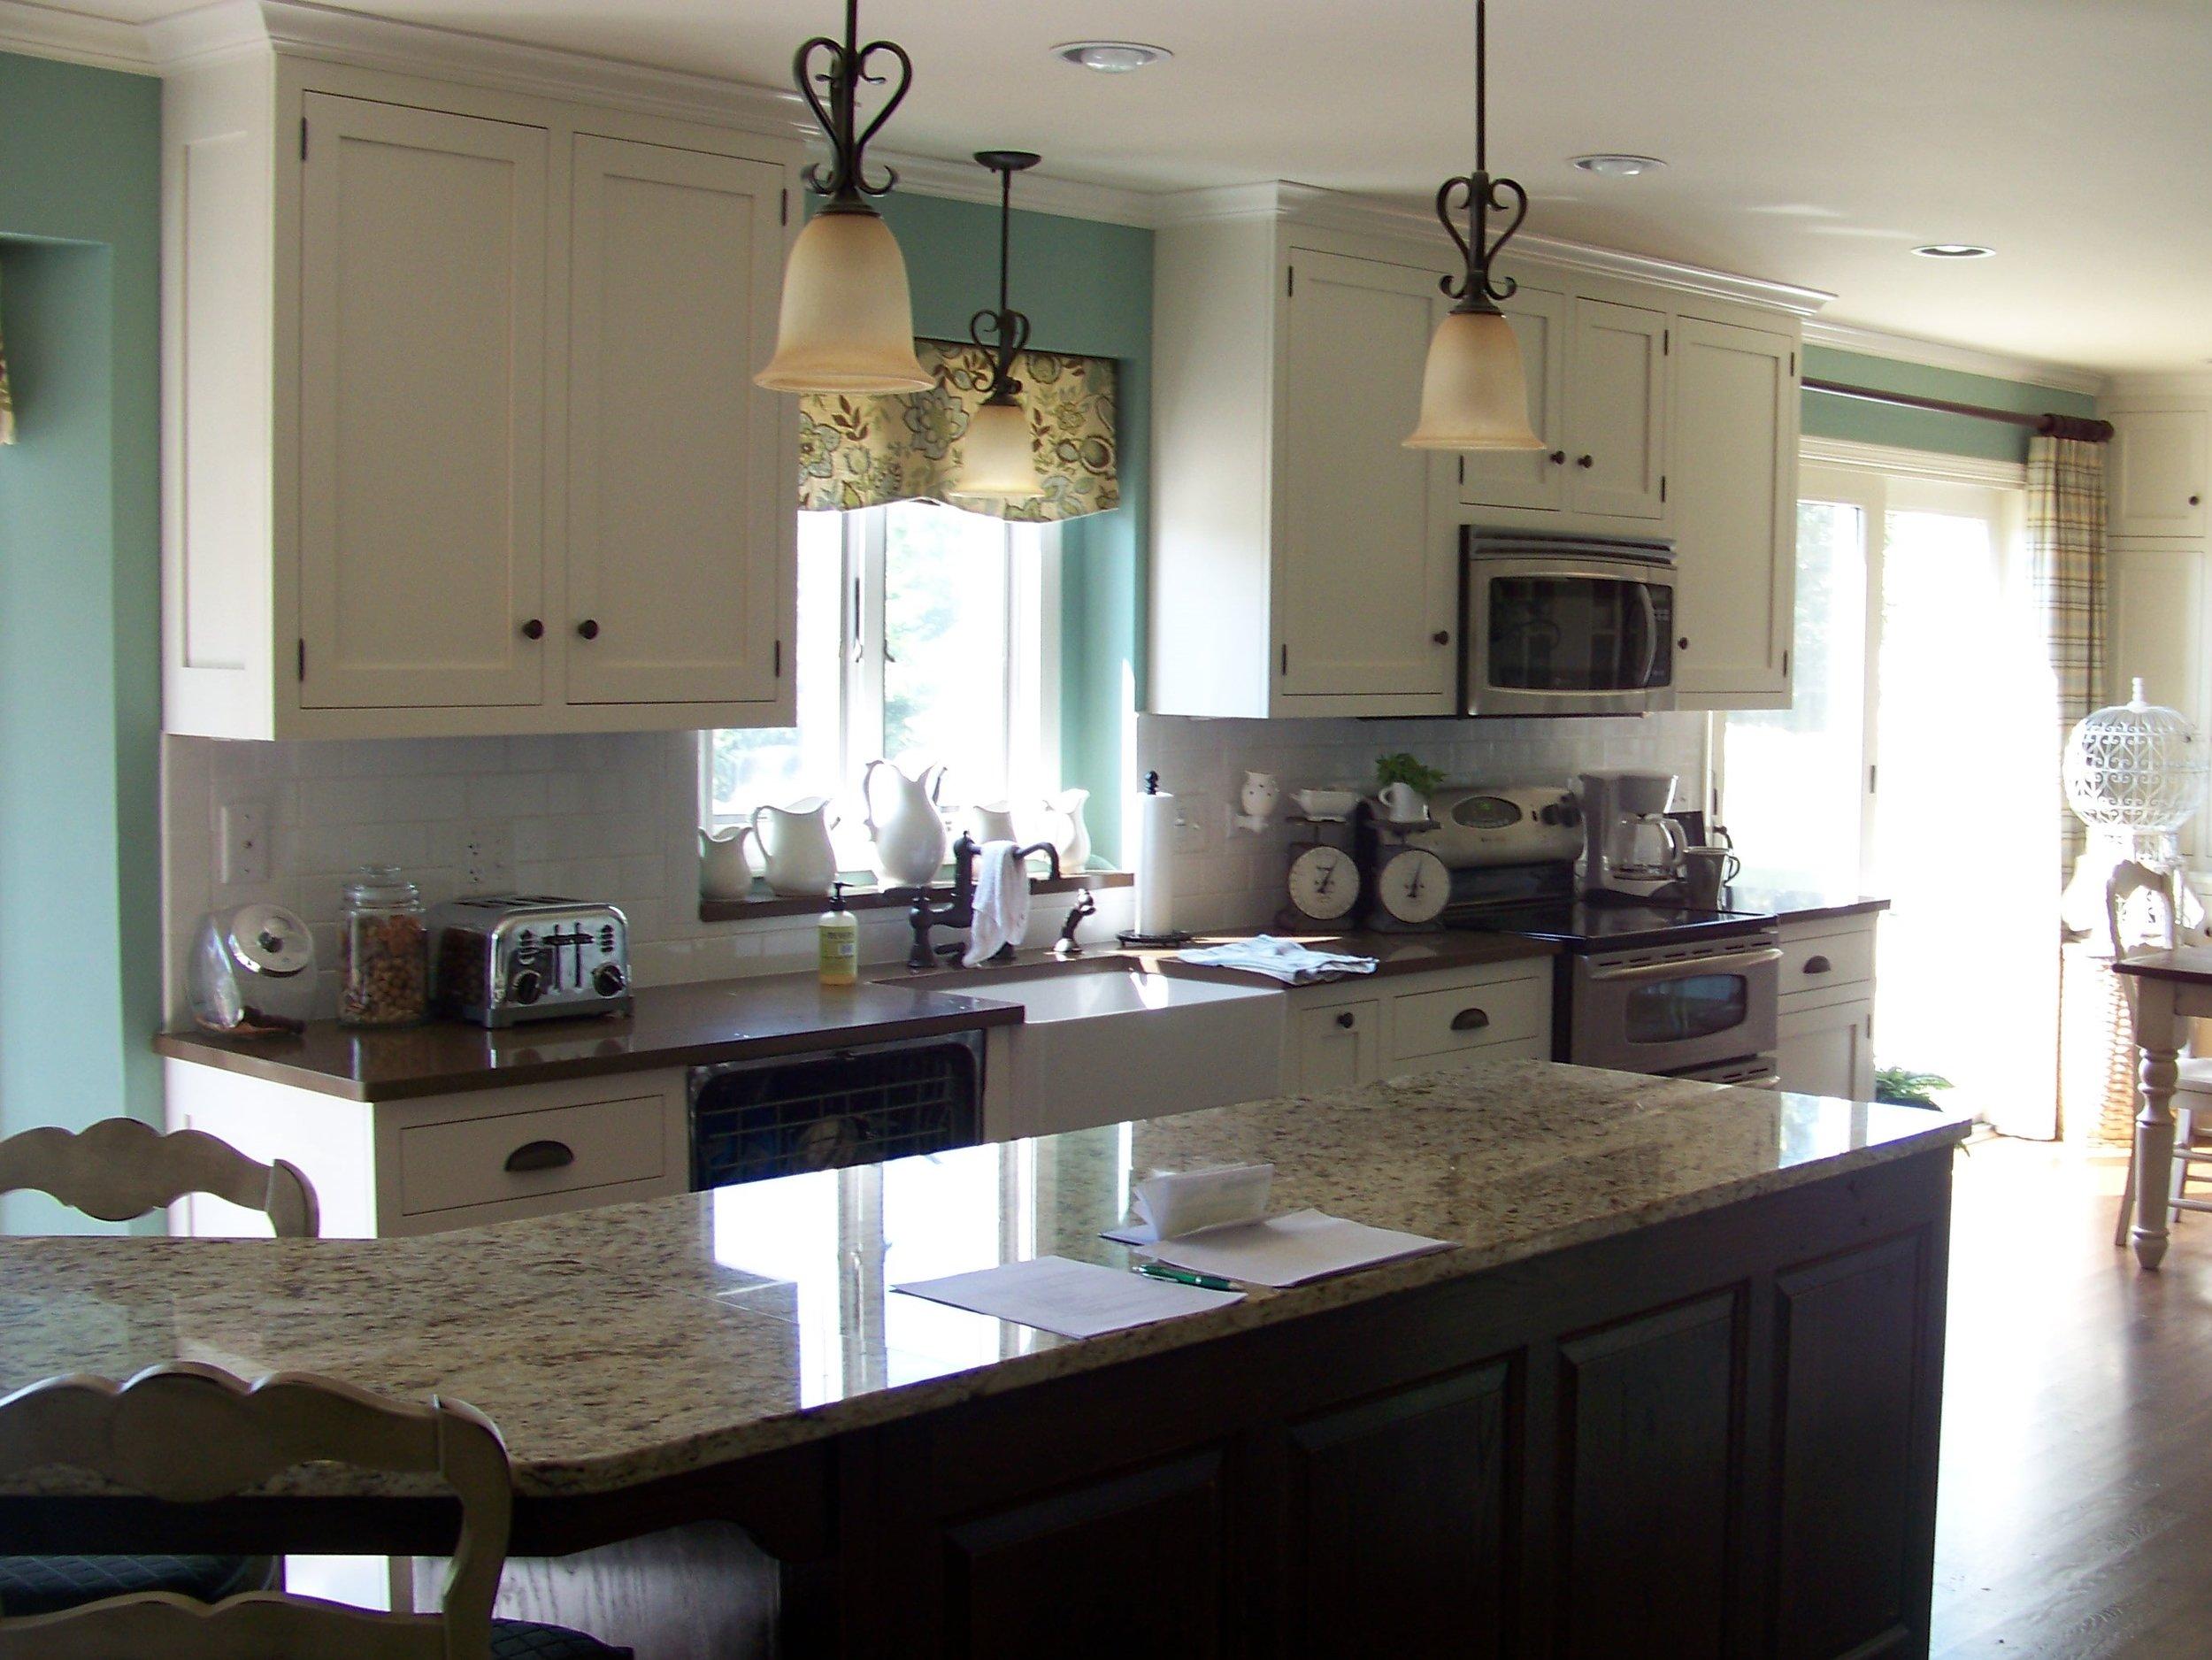 Residential Interiors 1.jpg